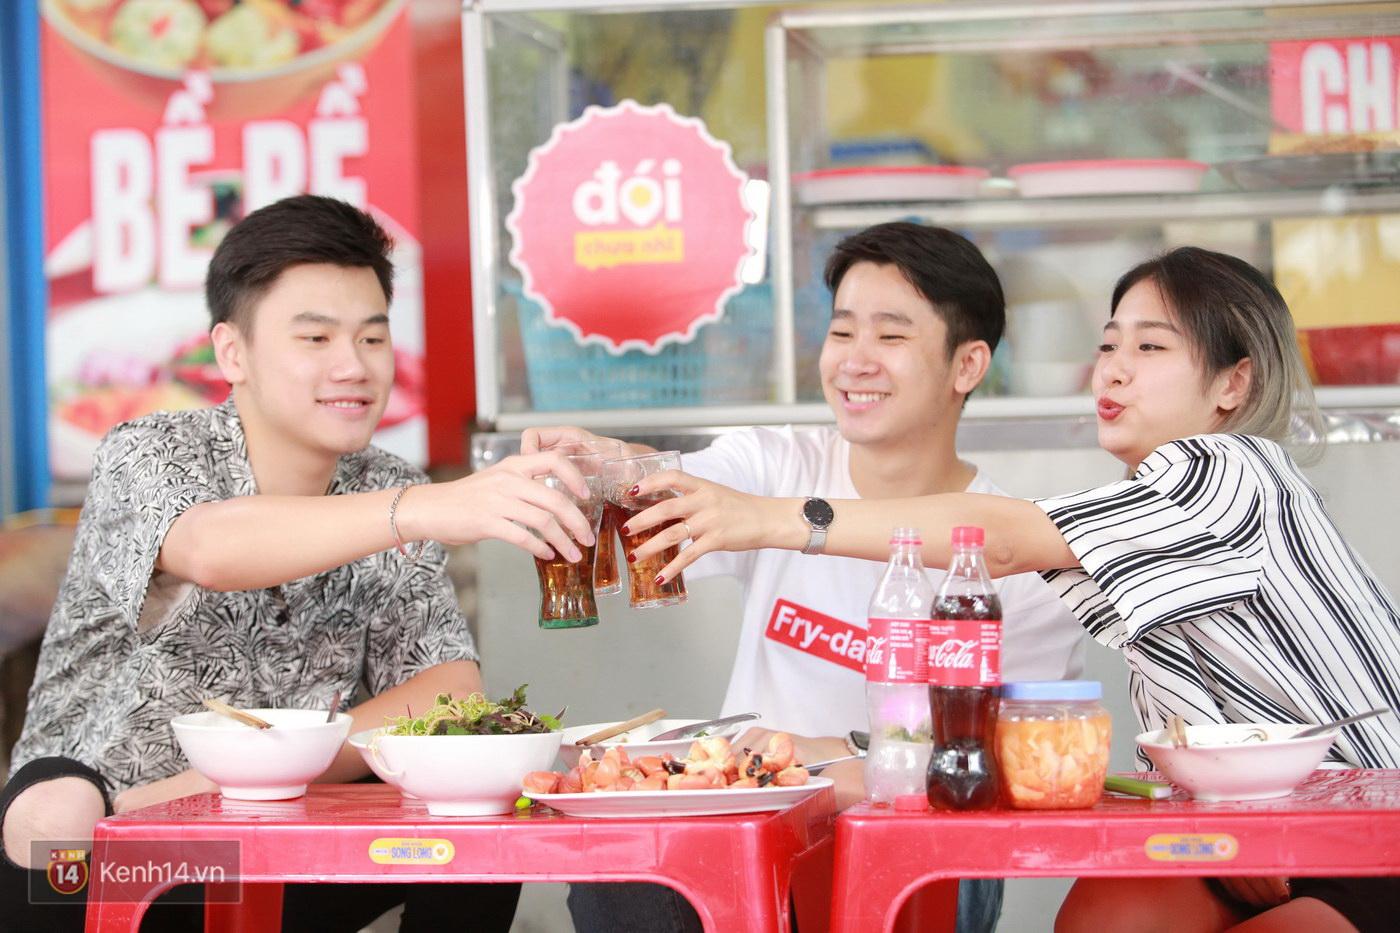 Đói Chưa Nhỉ: Những khoảnh khắc đáng yêu của cặp đôi nổi tiếng Tùng Sơn - Trang Lou - Ảnh 7.